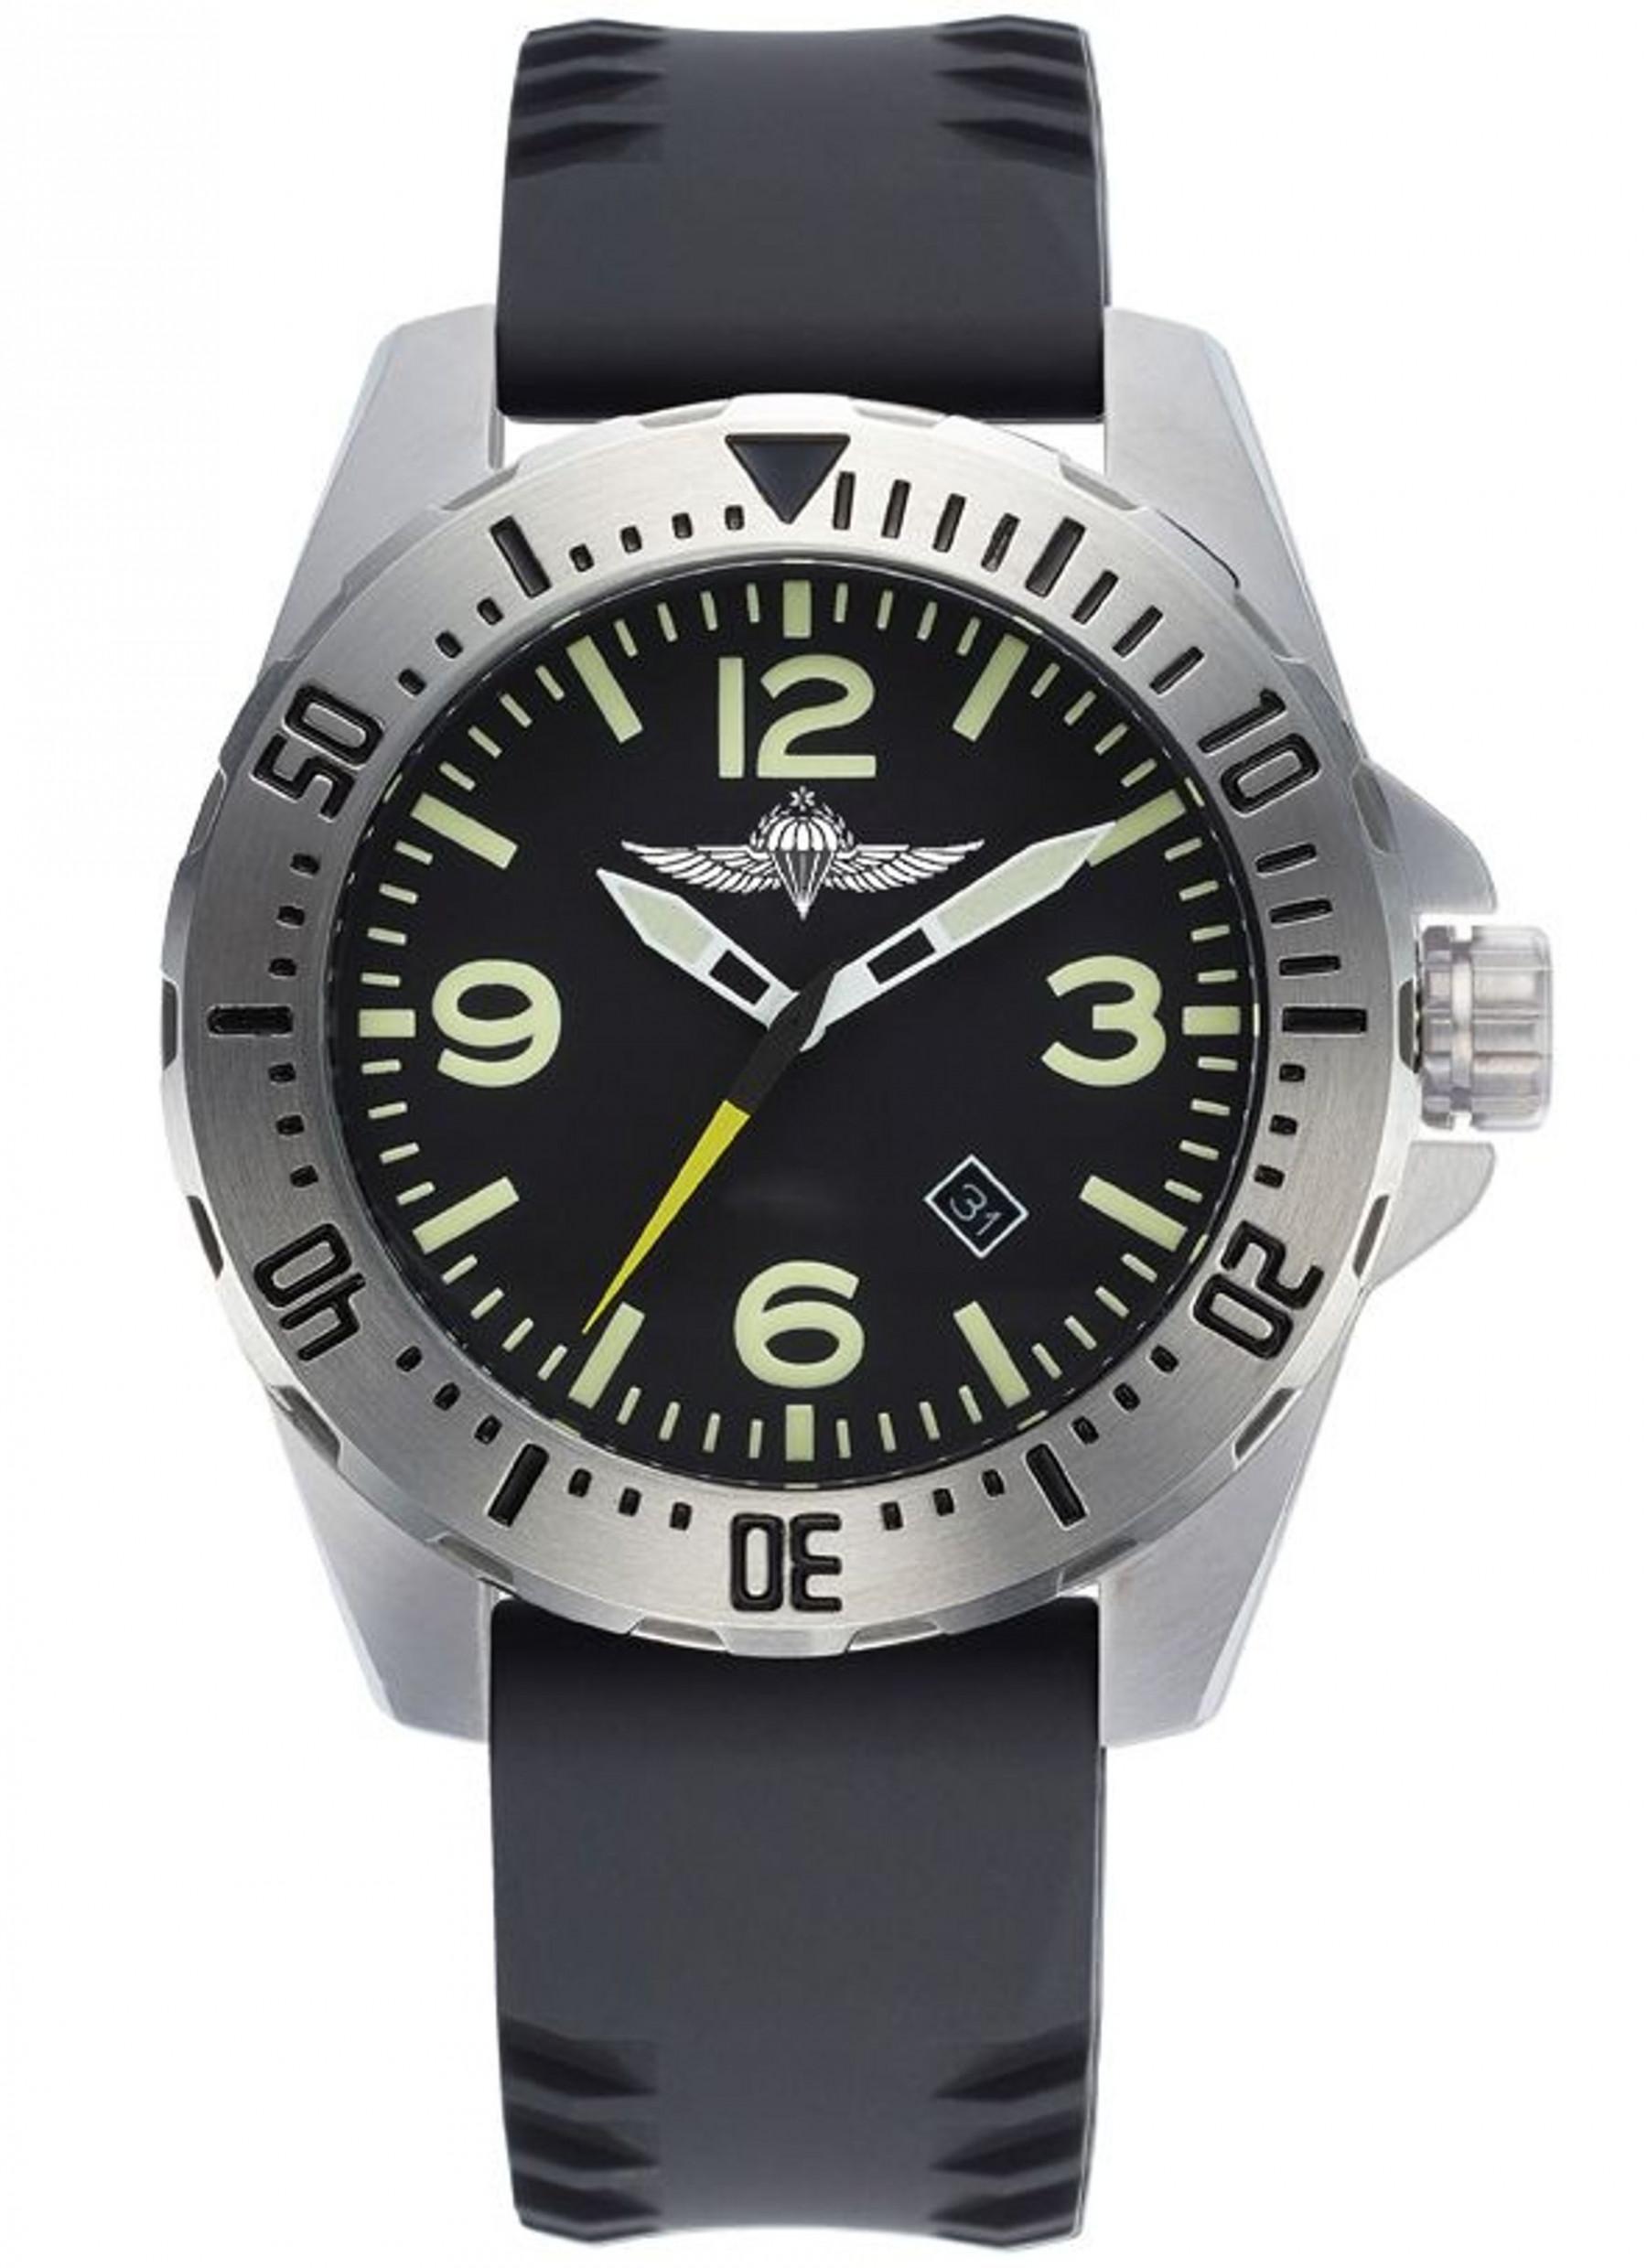 שעון צלילה עם סמל של צנחנים